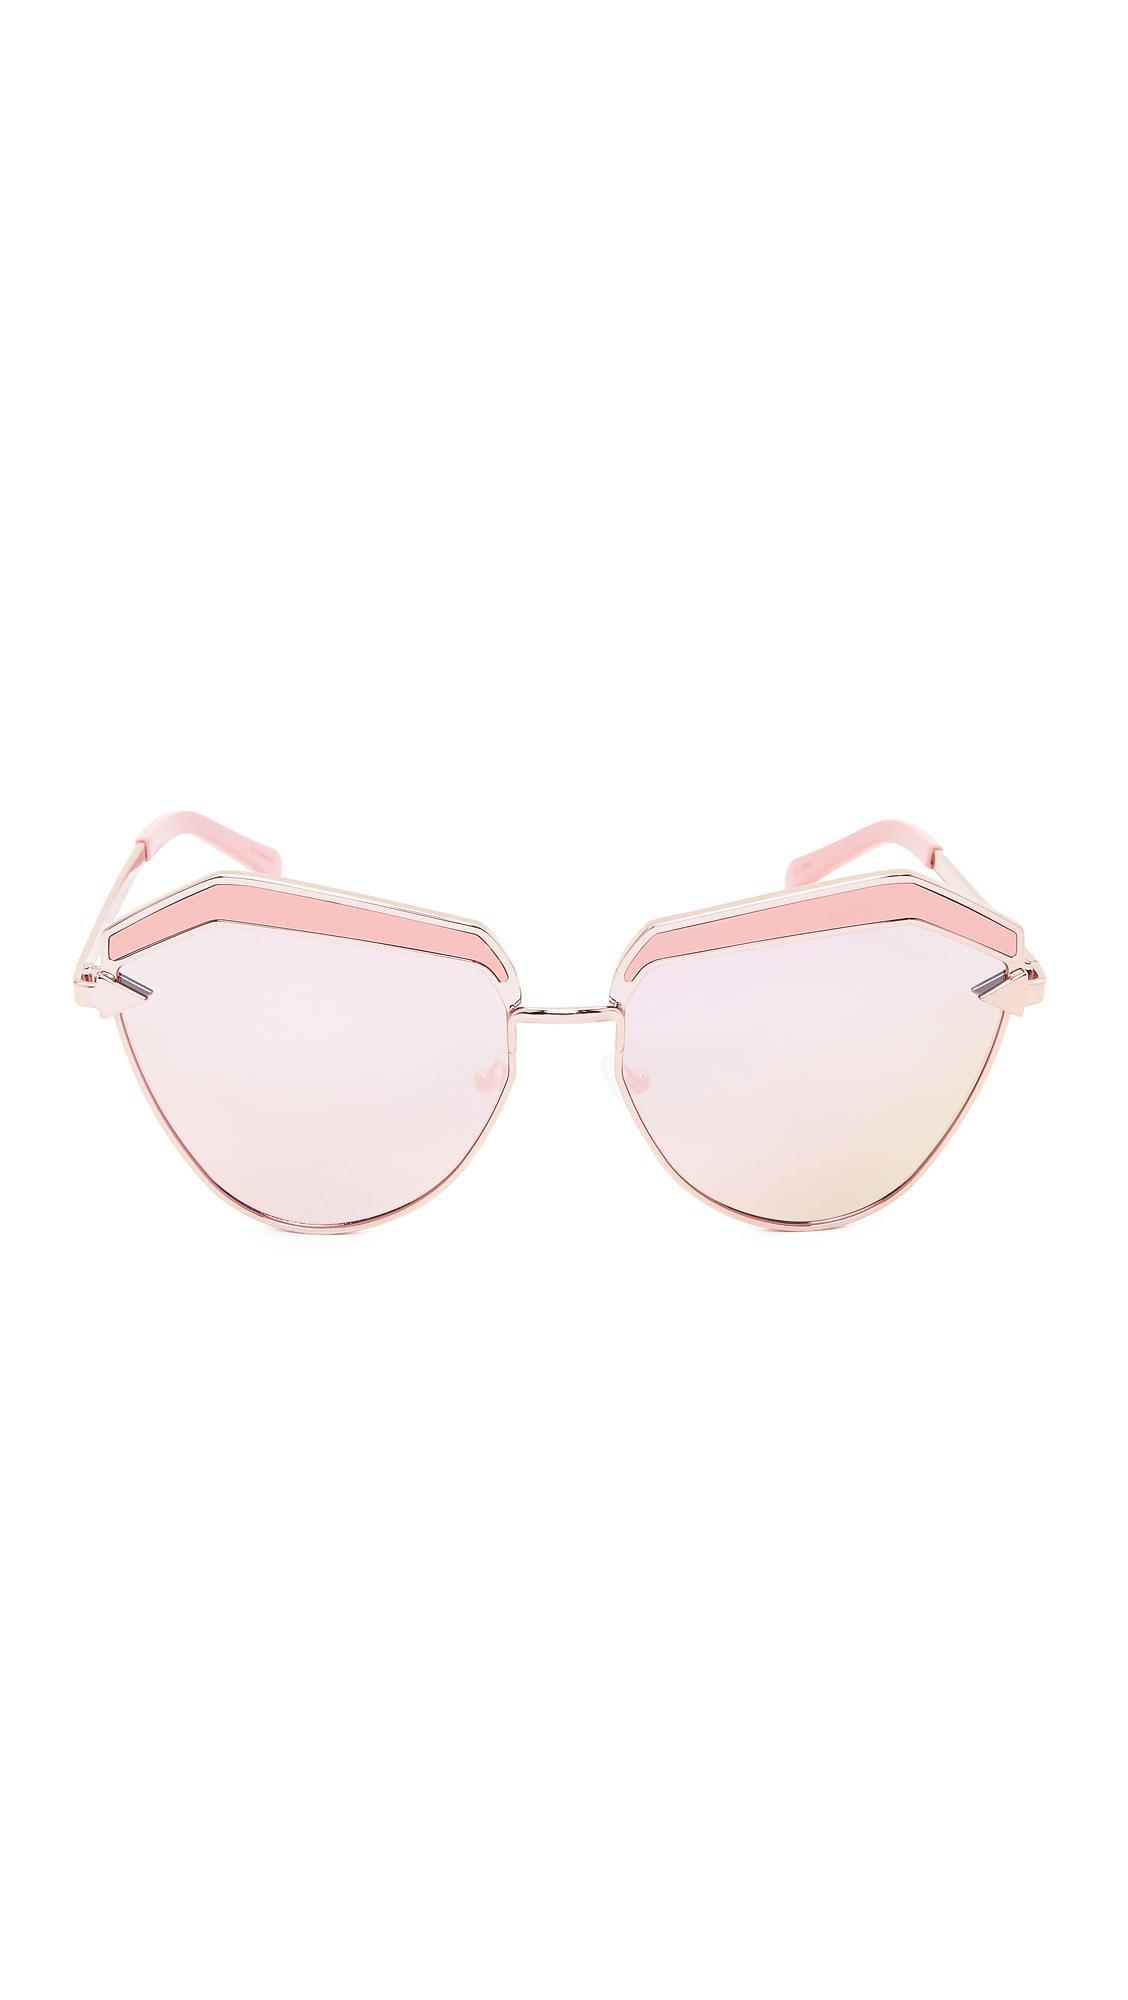 bcbc77c893c2 Karen Walker Jacinto Sunglasses in Pink - Lyst